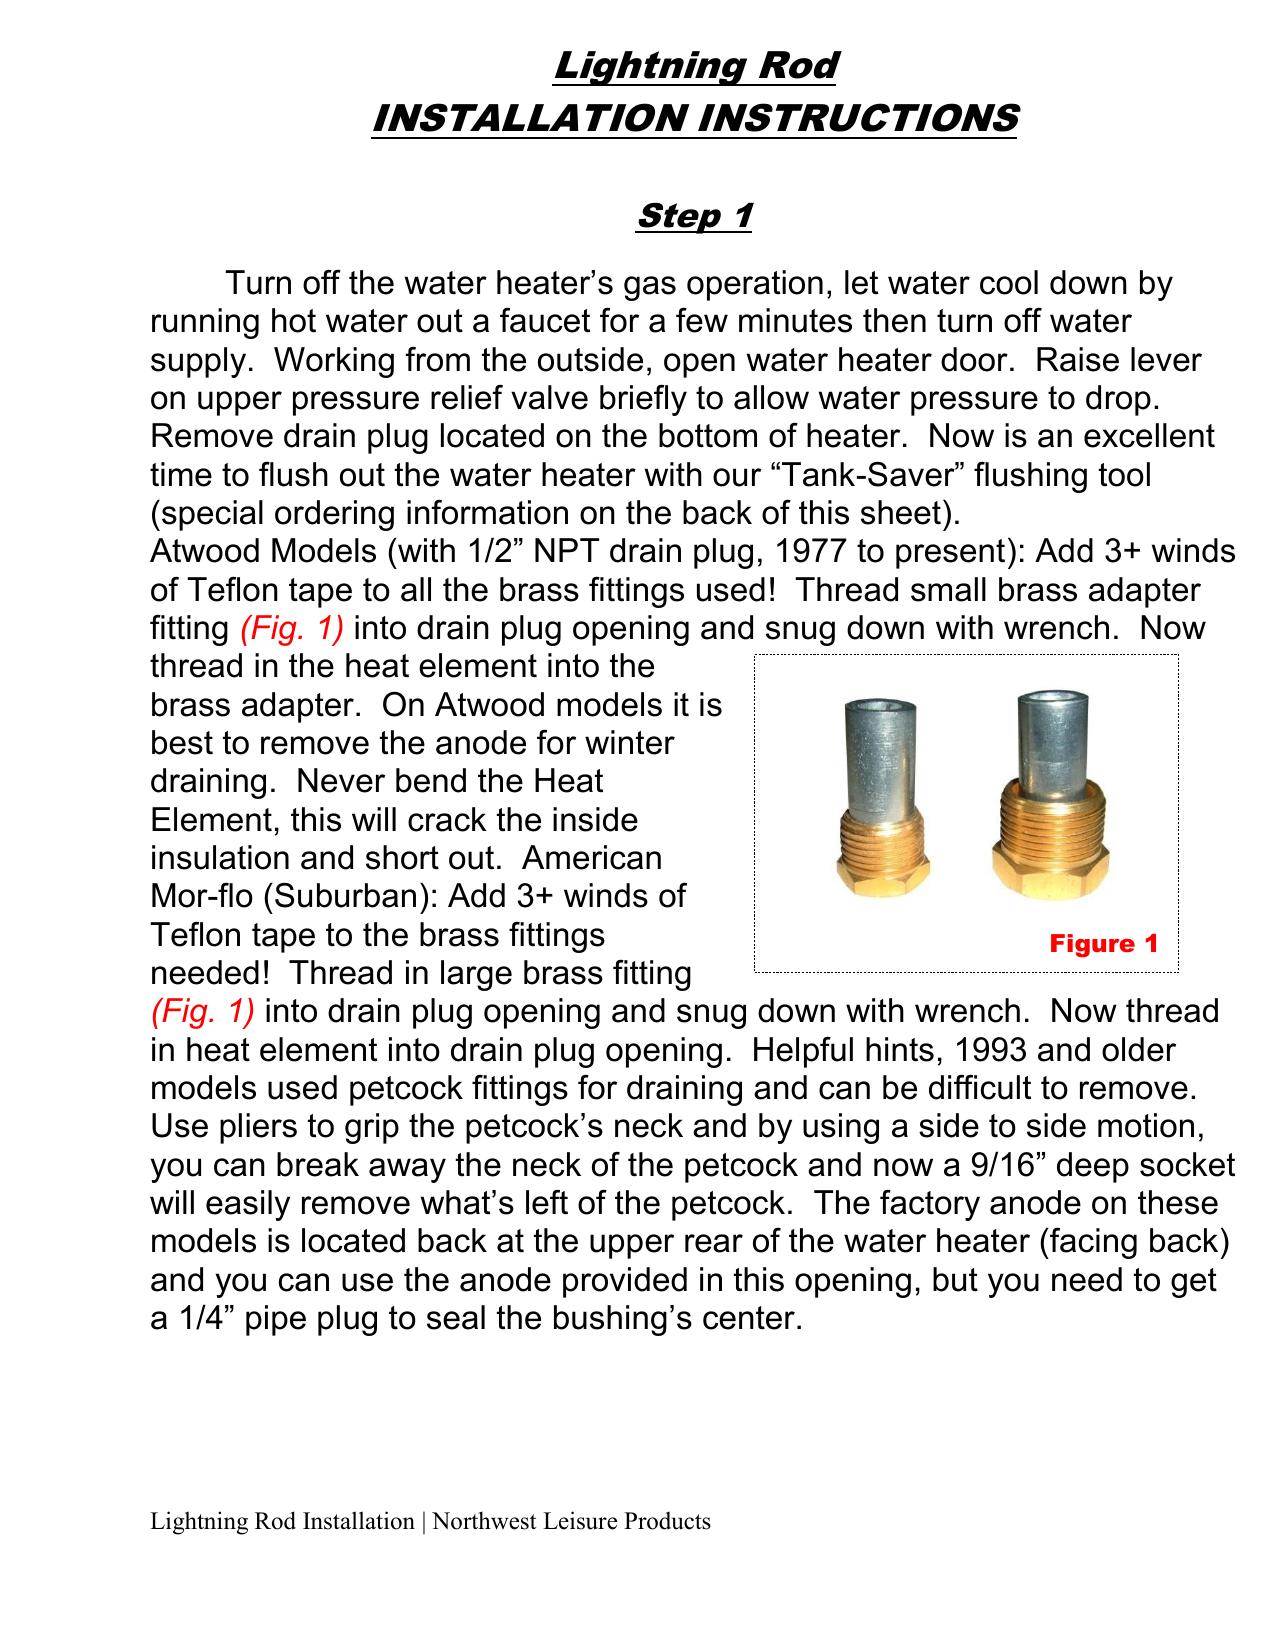 Lightning Rod Rv Water Heater Kit Instructions